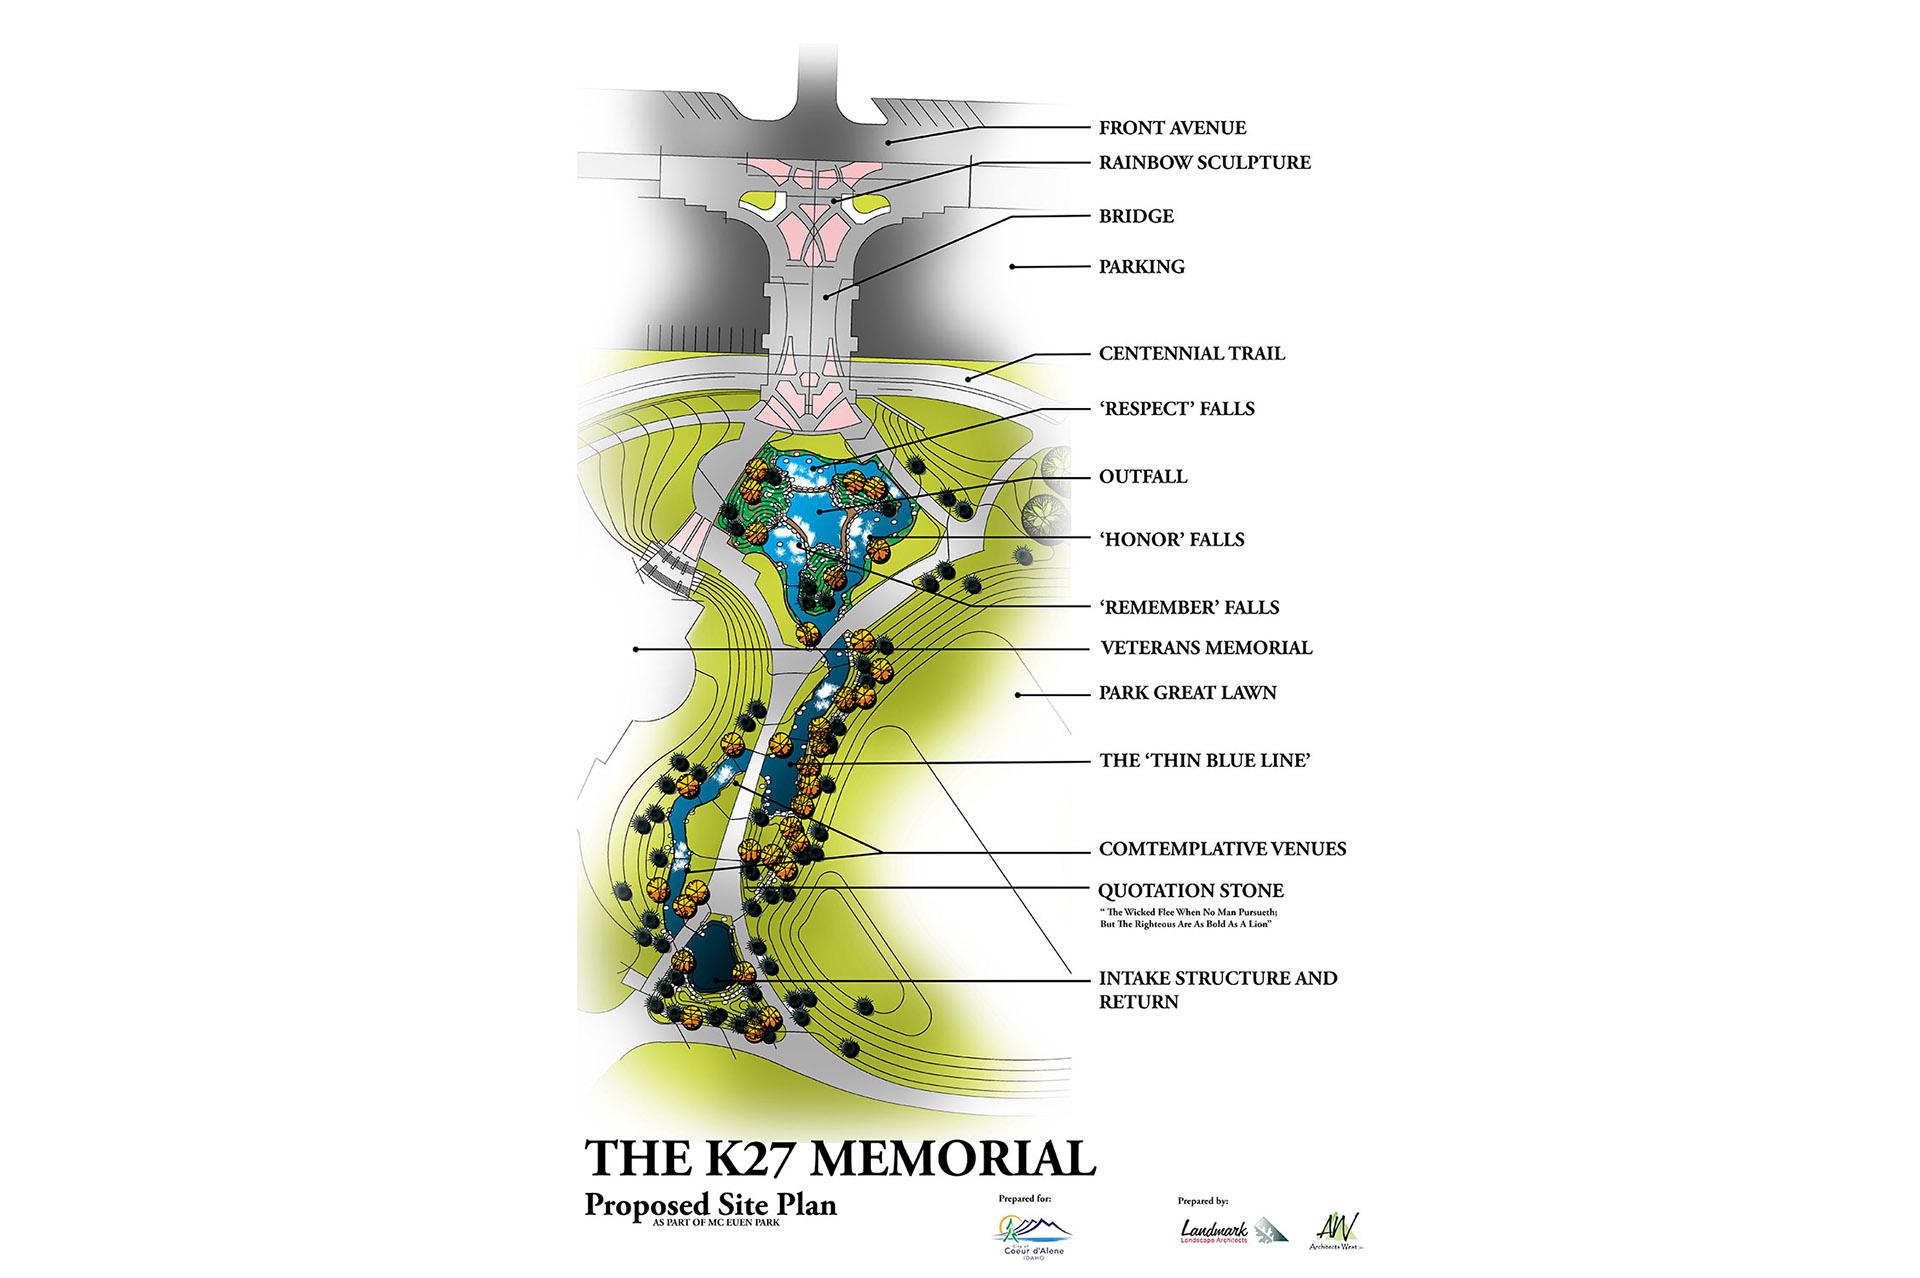 K27 Memorial Site Plan